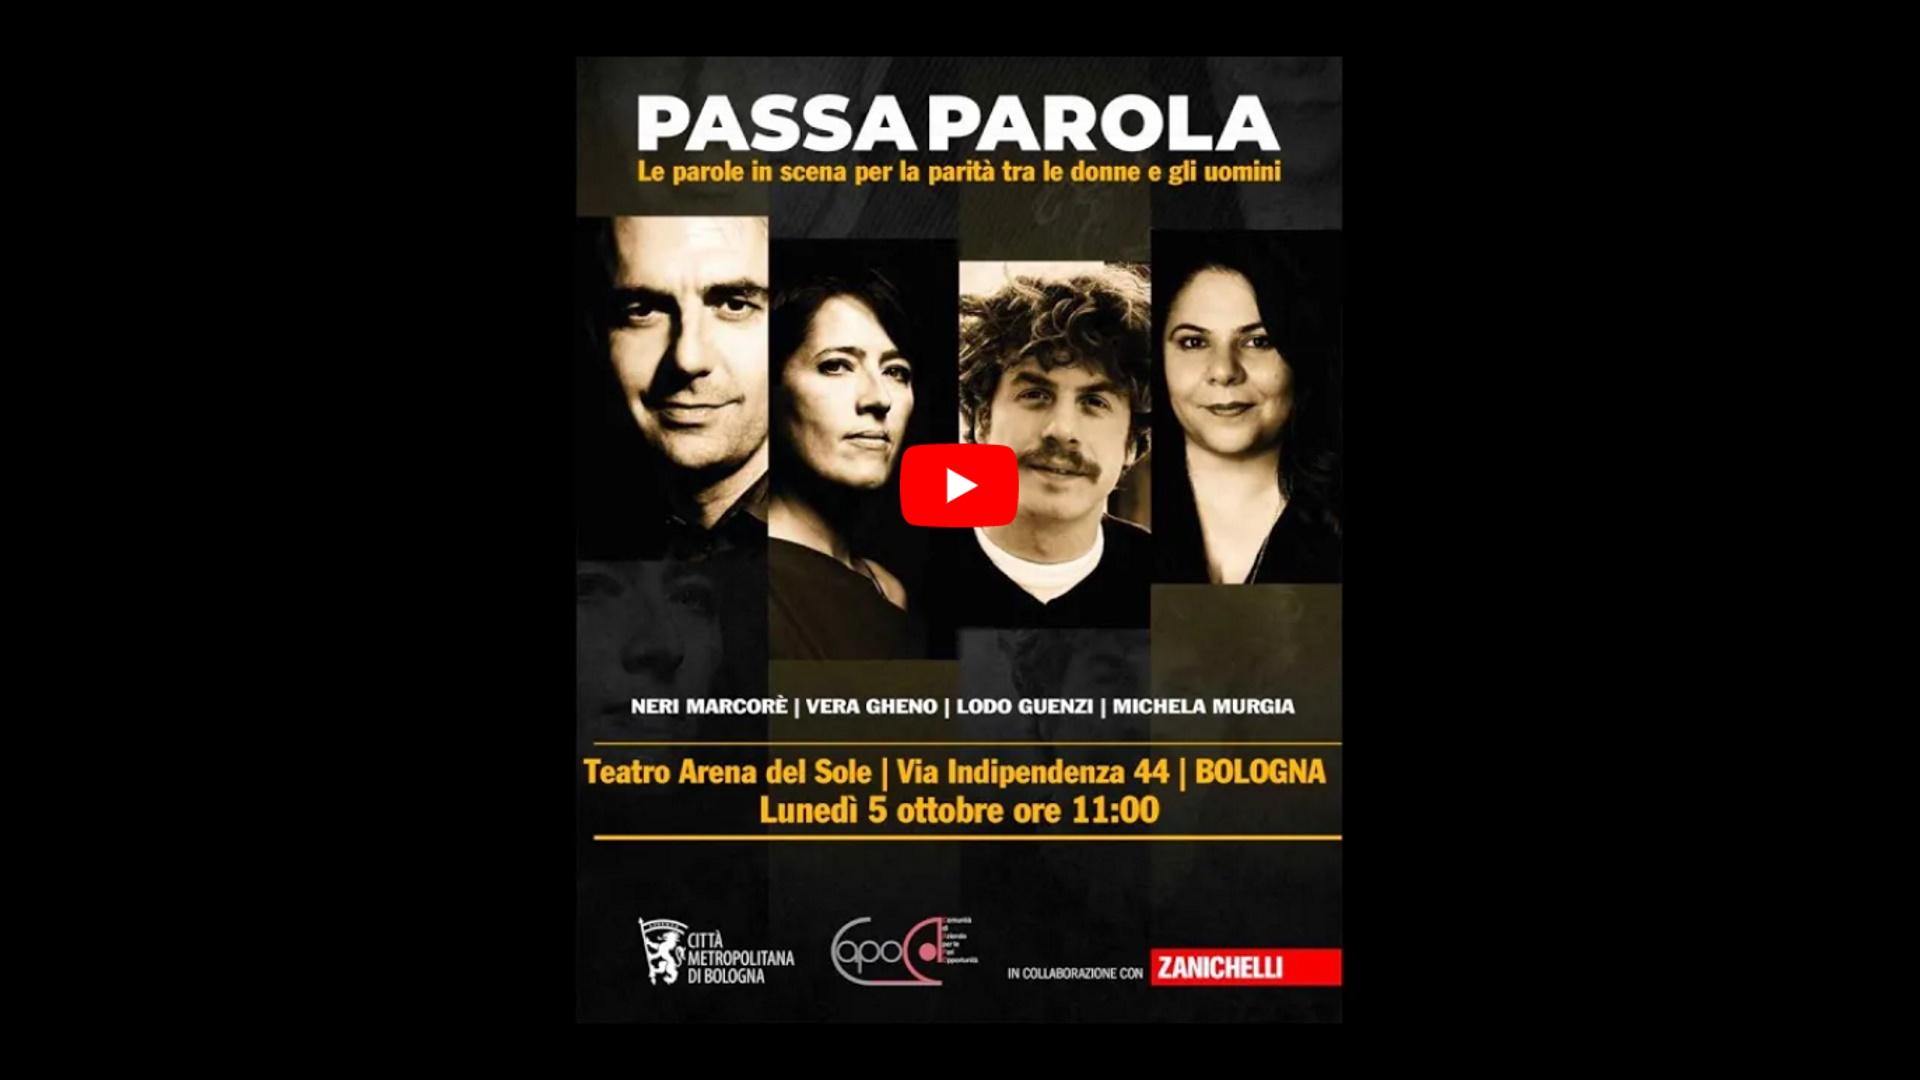 """""""Passaparola"""" le parole in scena per la parità tra donne e uomini"""